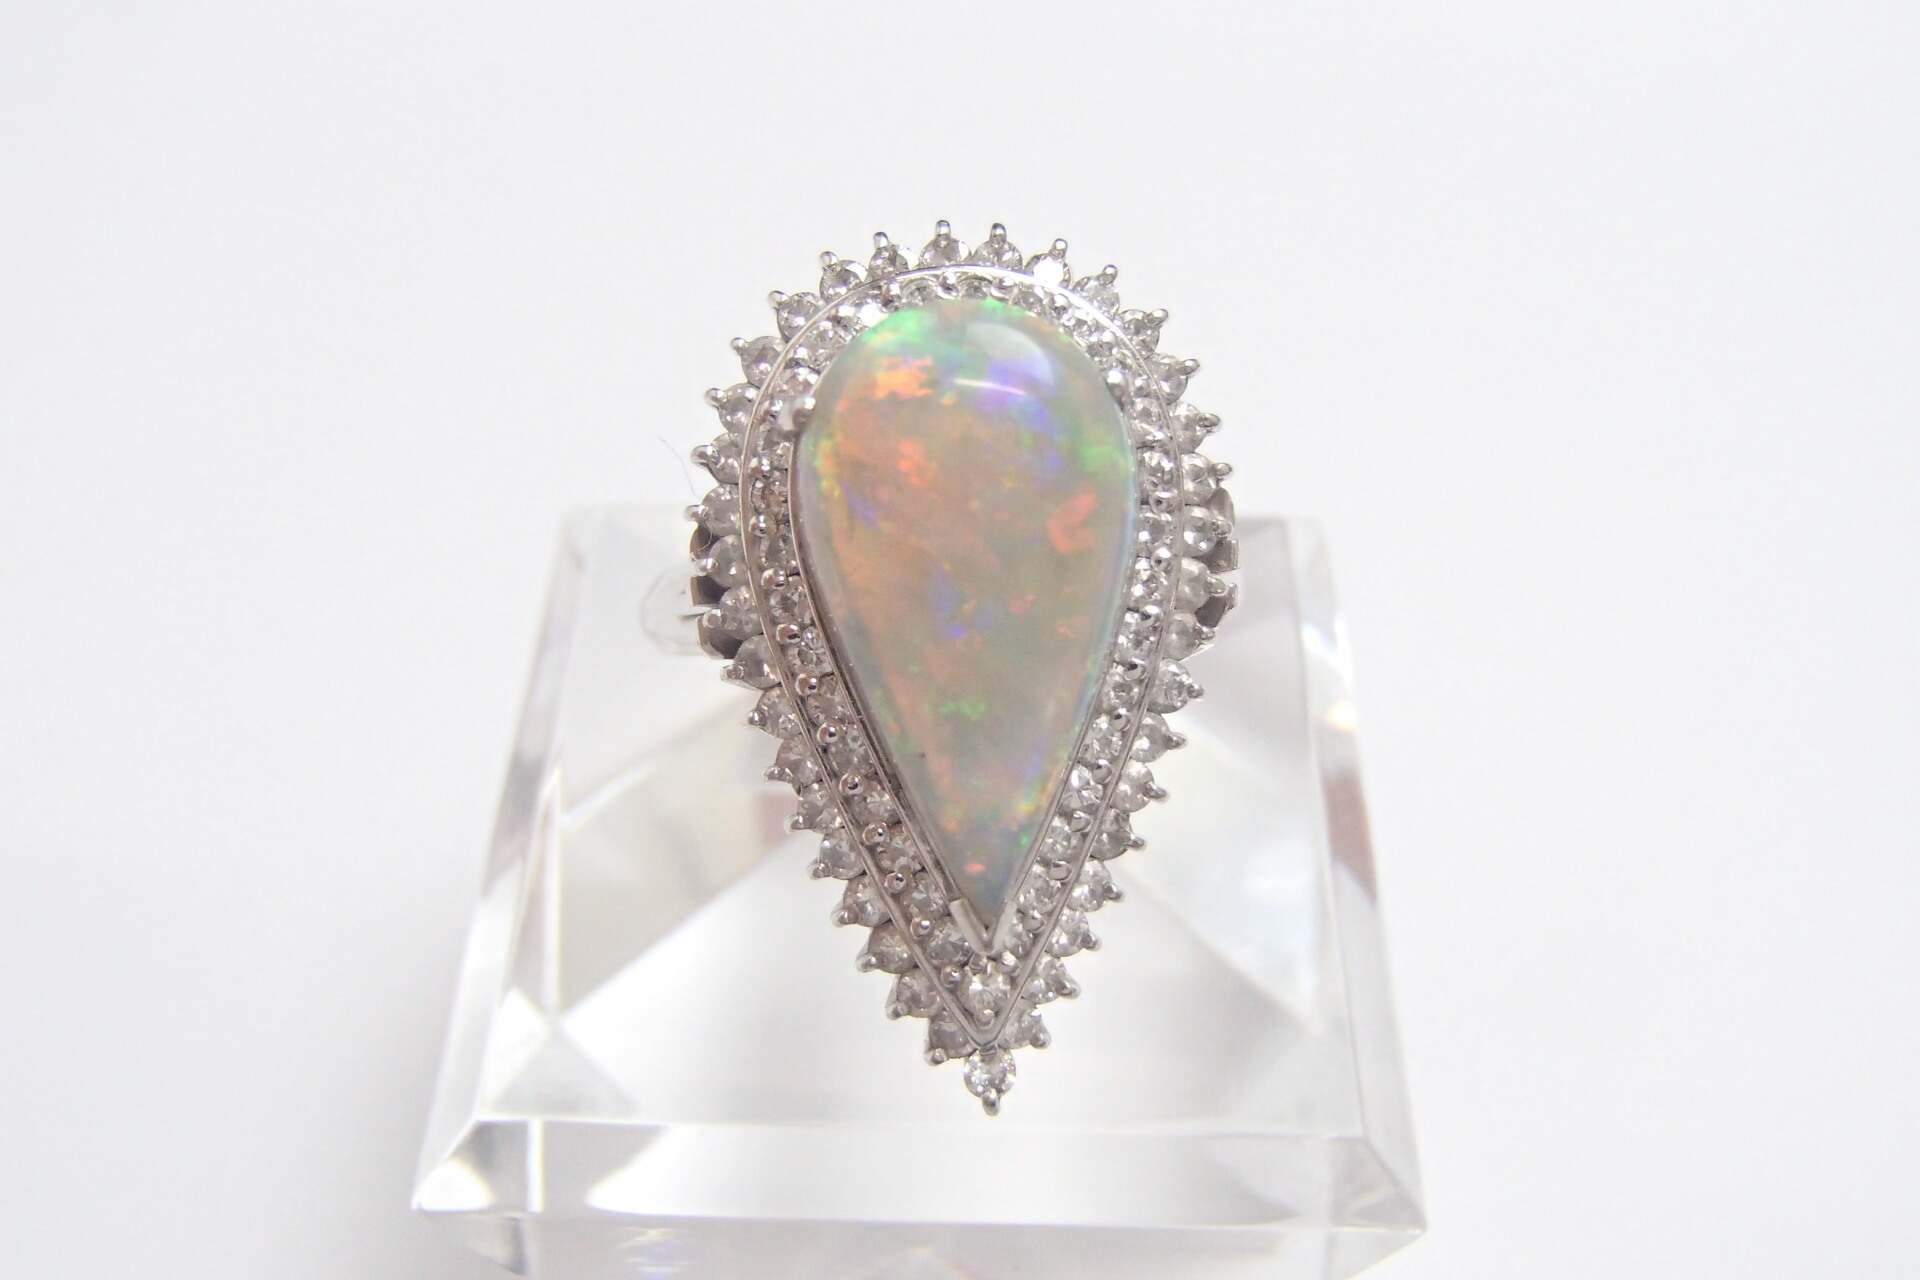 パールの指輪を買取しました! パールとメレダイヤだけでどれほどの価値がある?